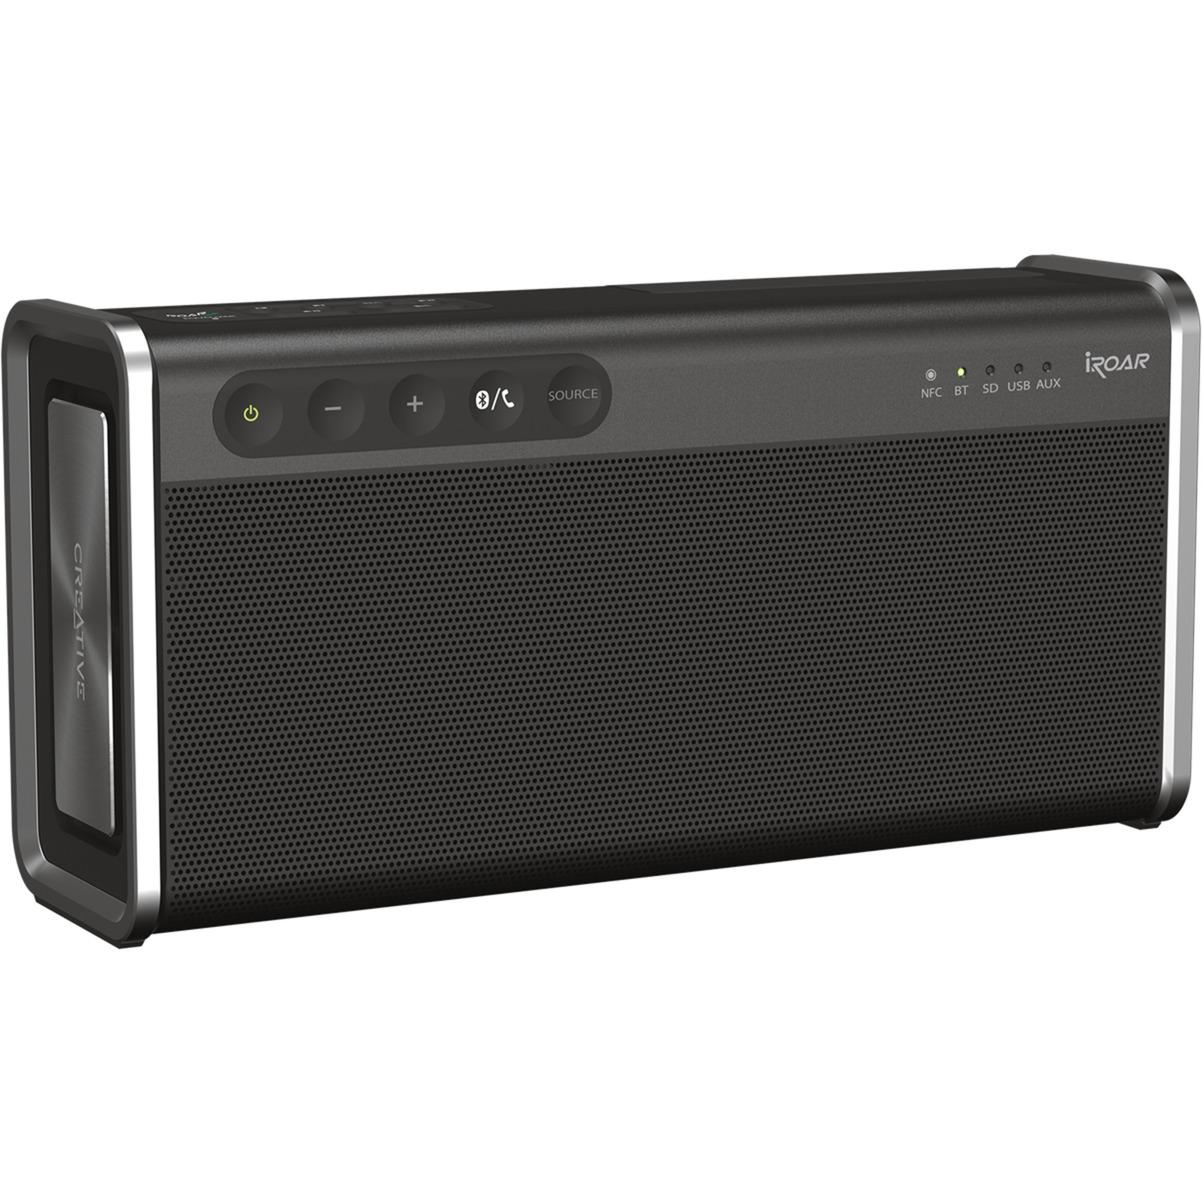 iRoar Go Altavoz portátil estéreo Negro